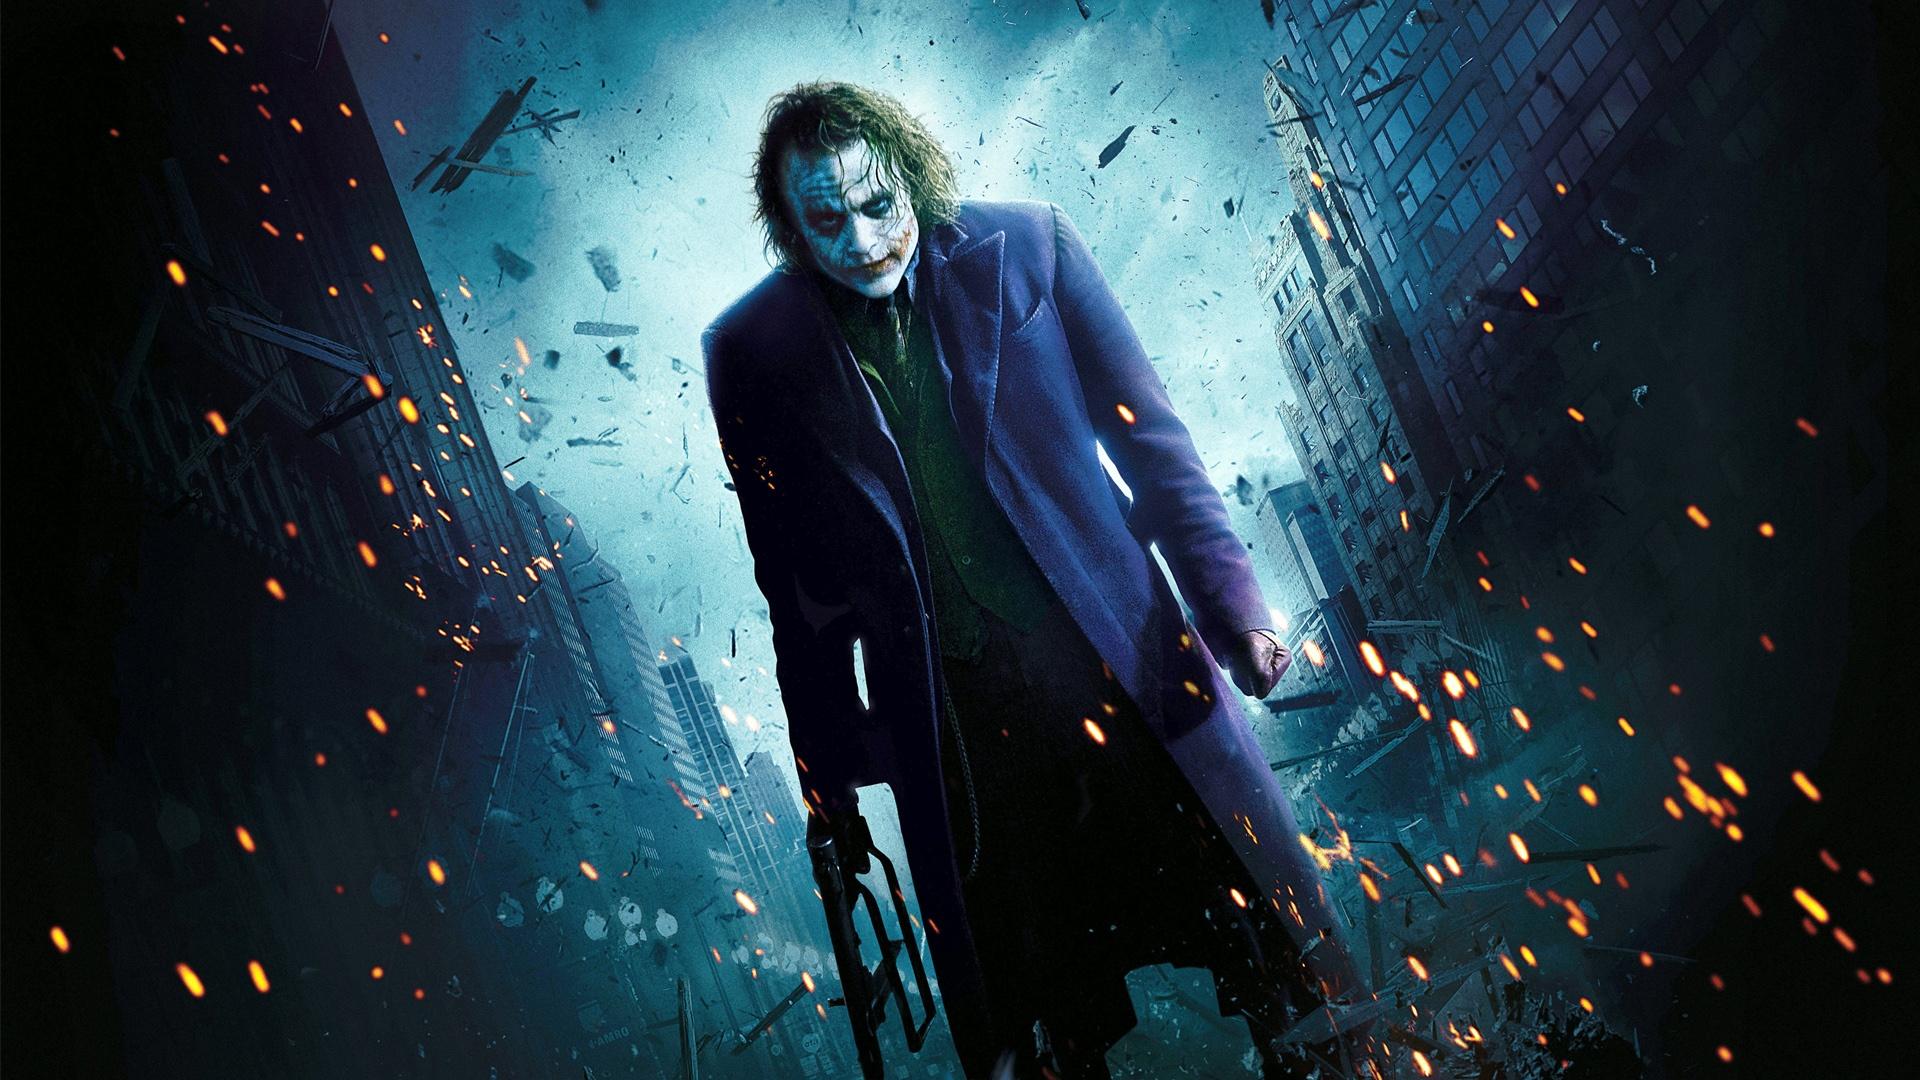 Joker Hd Wallpapers Backgrounds Wallpaper 1920x1080